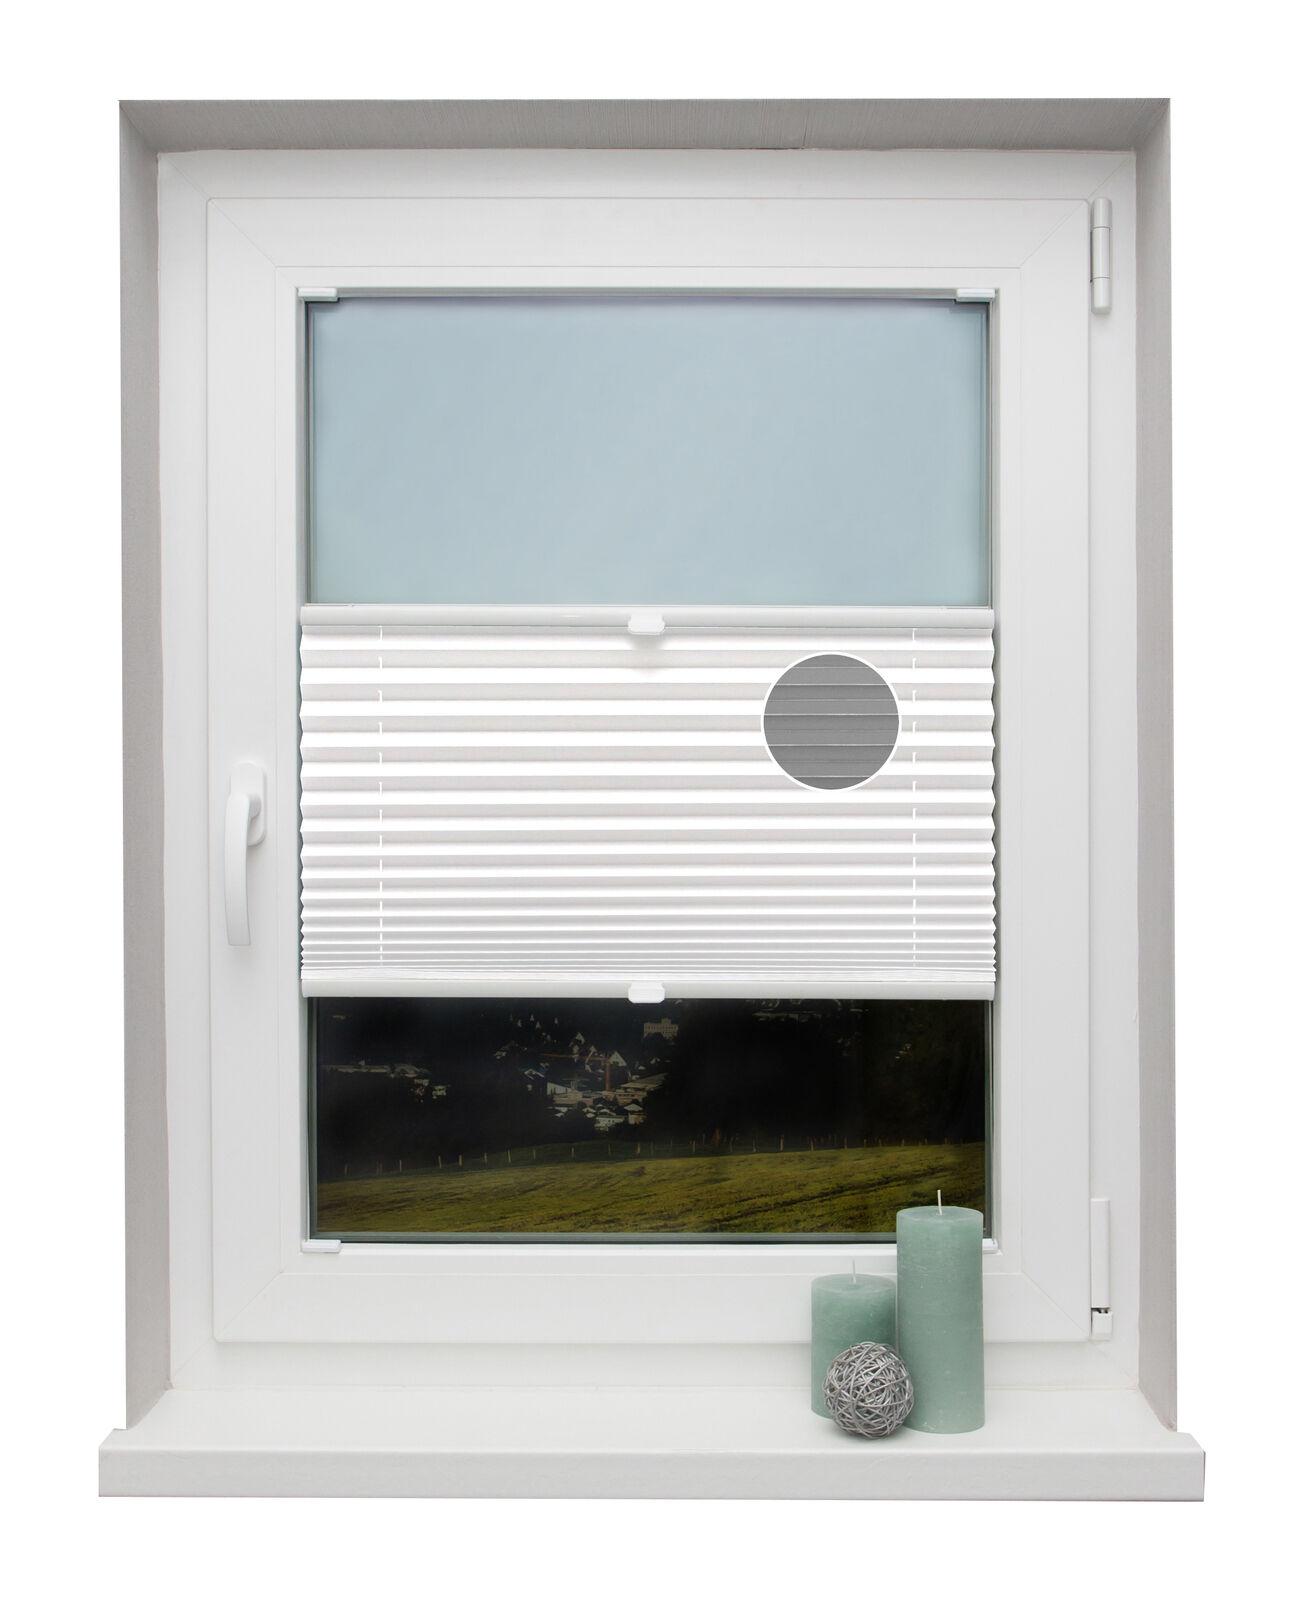 PREISHIT Thermo-Plissee nach Maß Weiß für Fenster Montage in der Glasleiste | Verrückter Preis, Birmingham